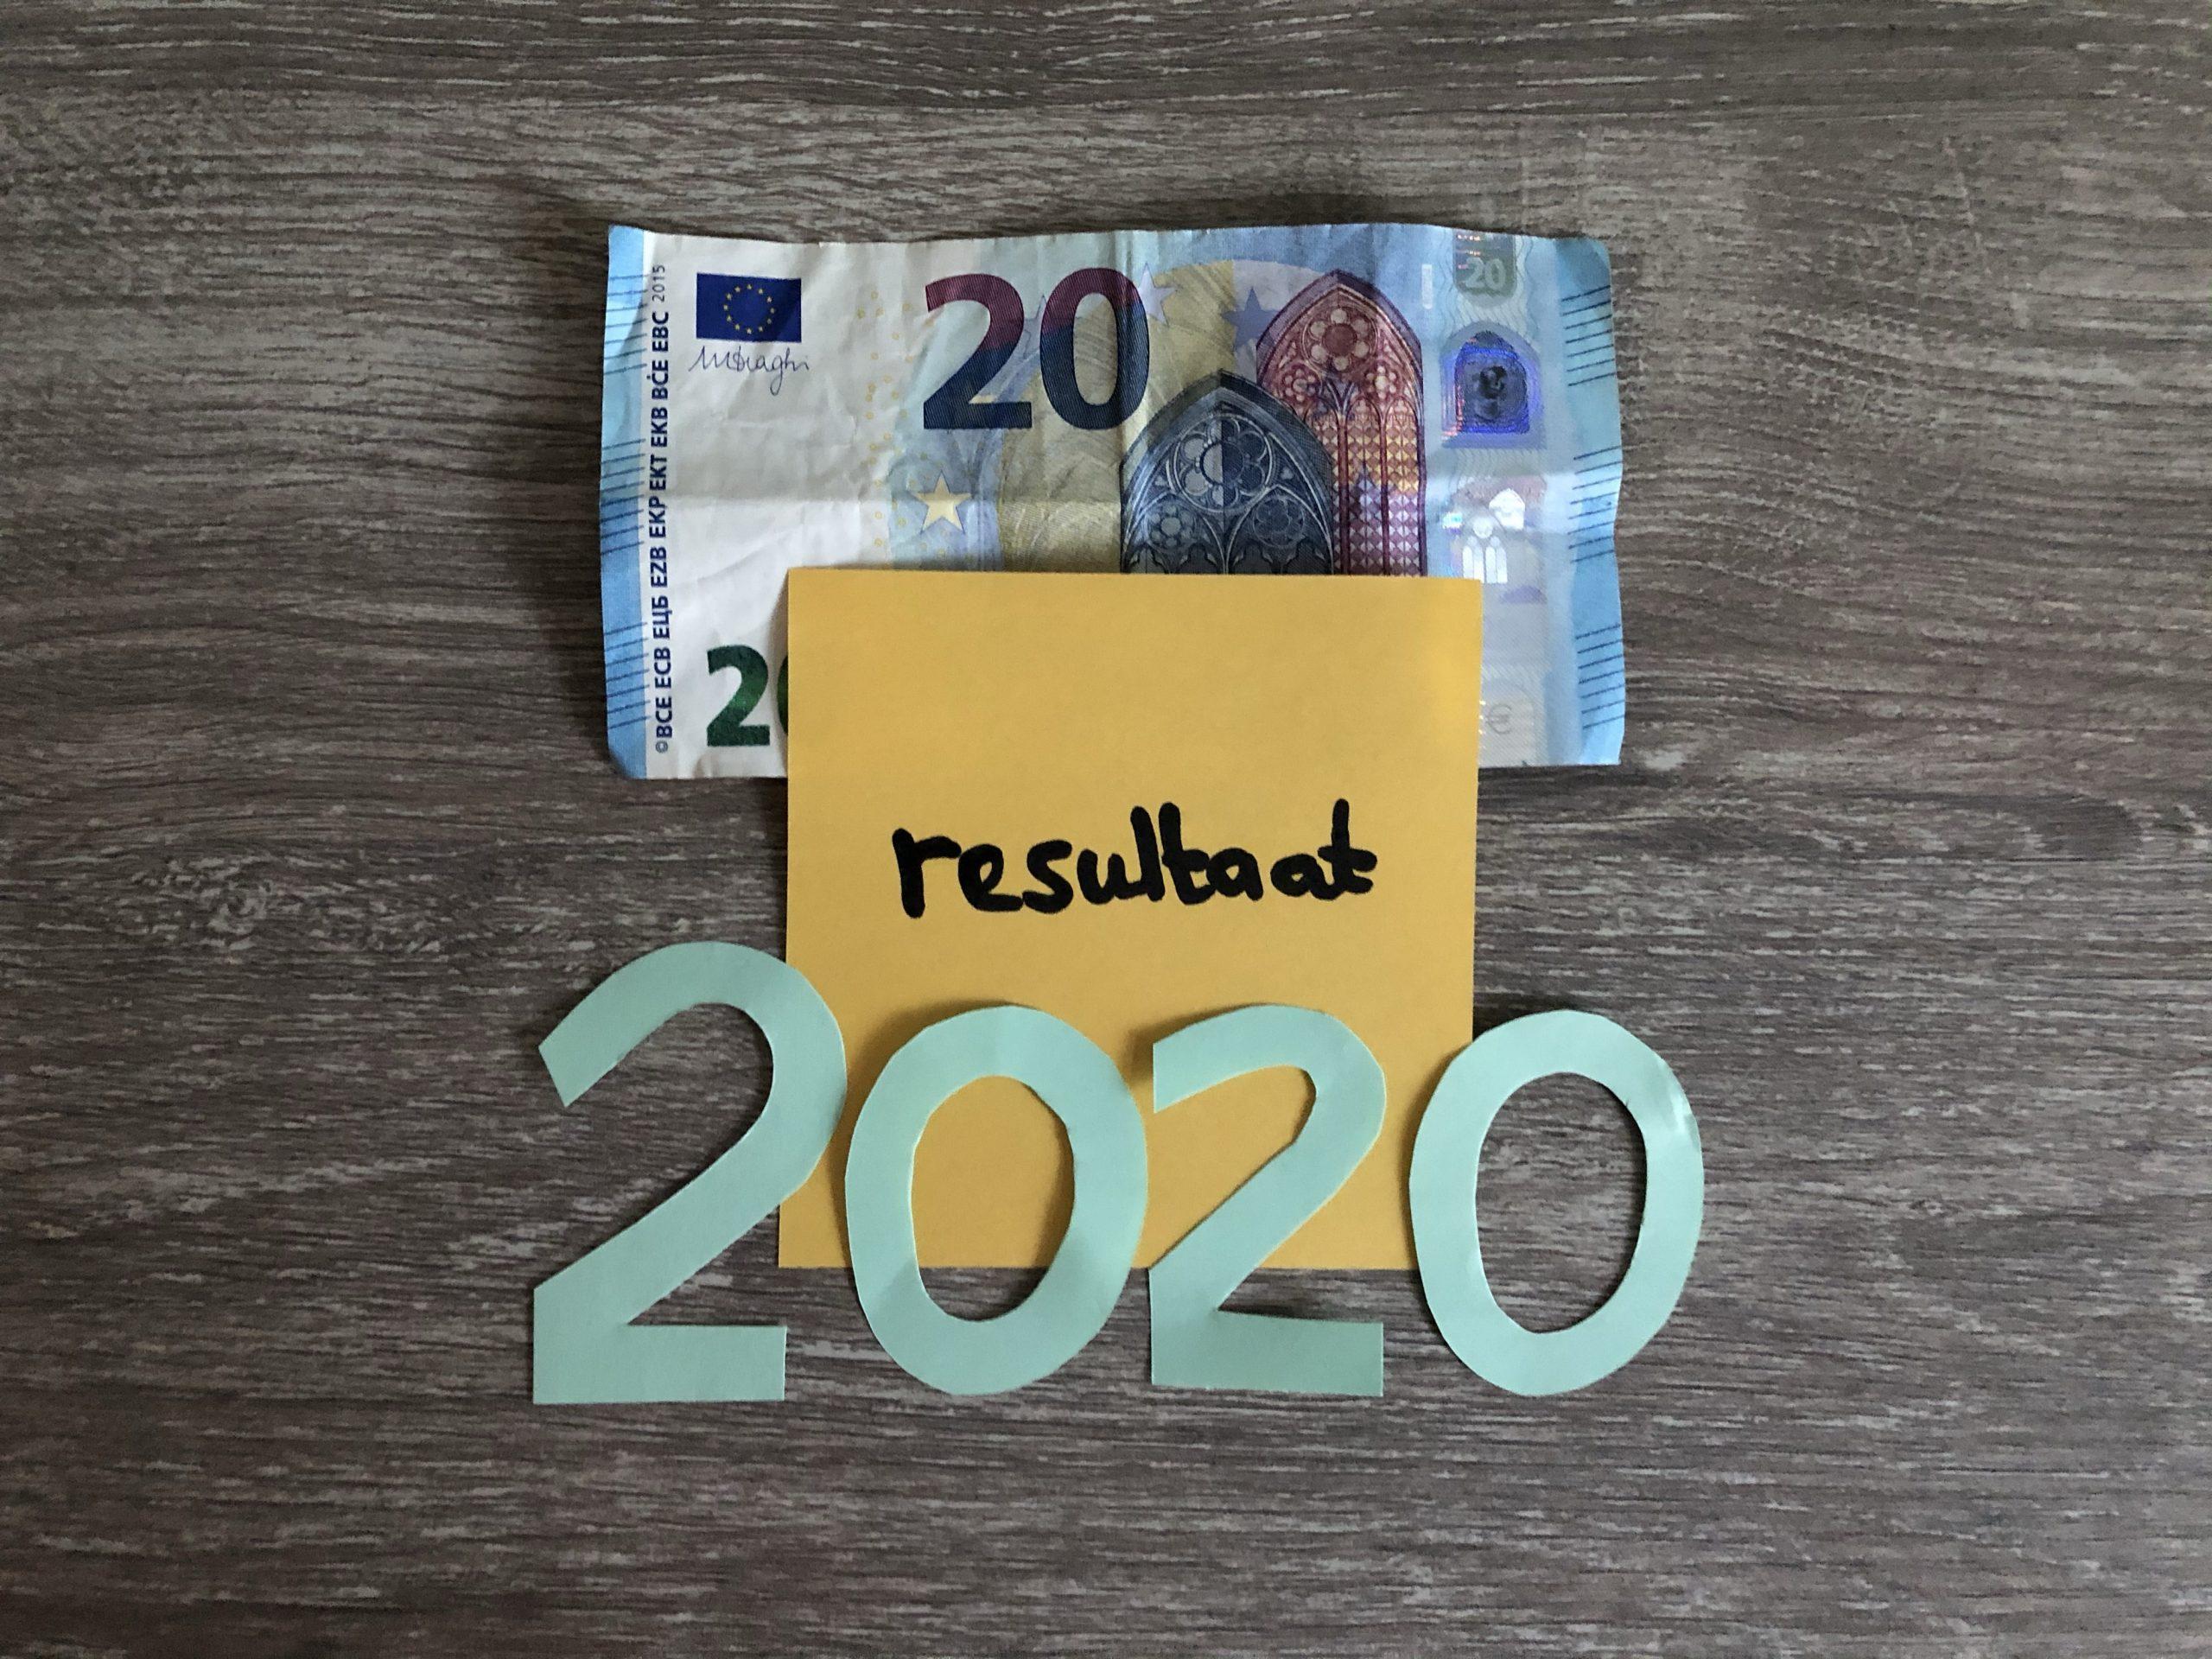 Resultaat spaardoelen 2020